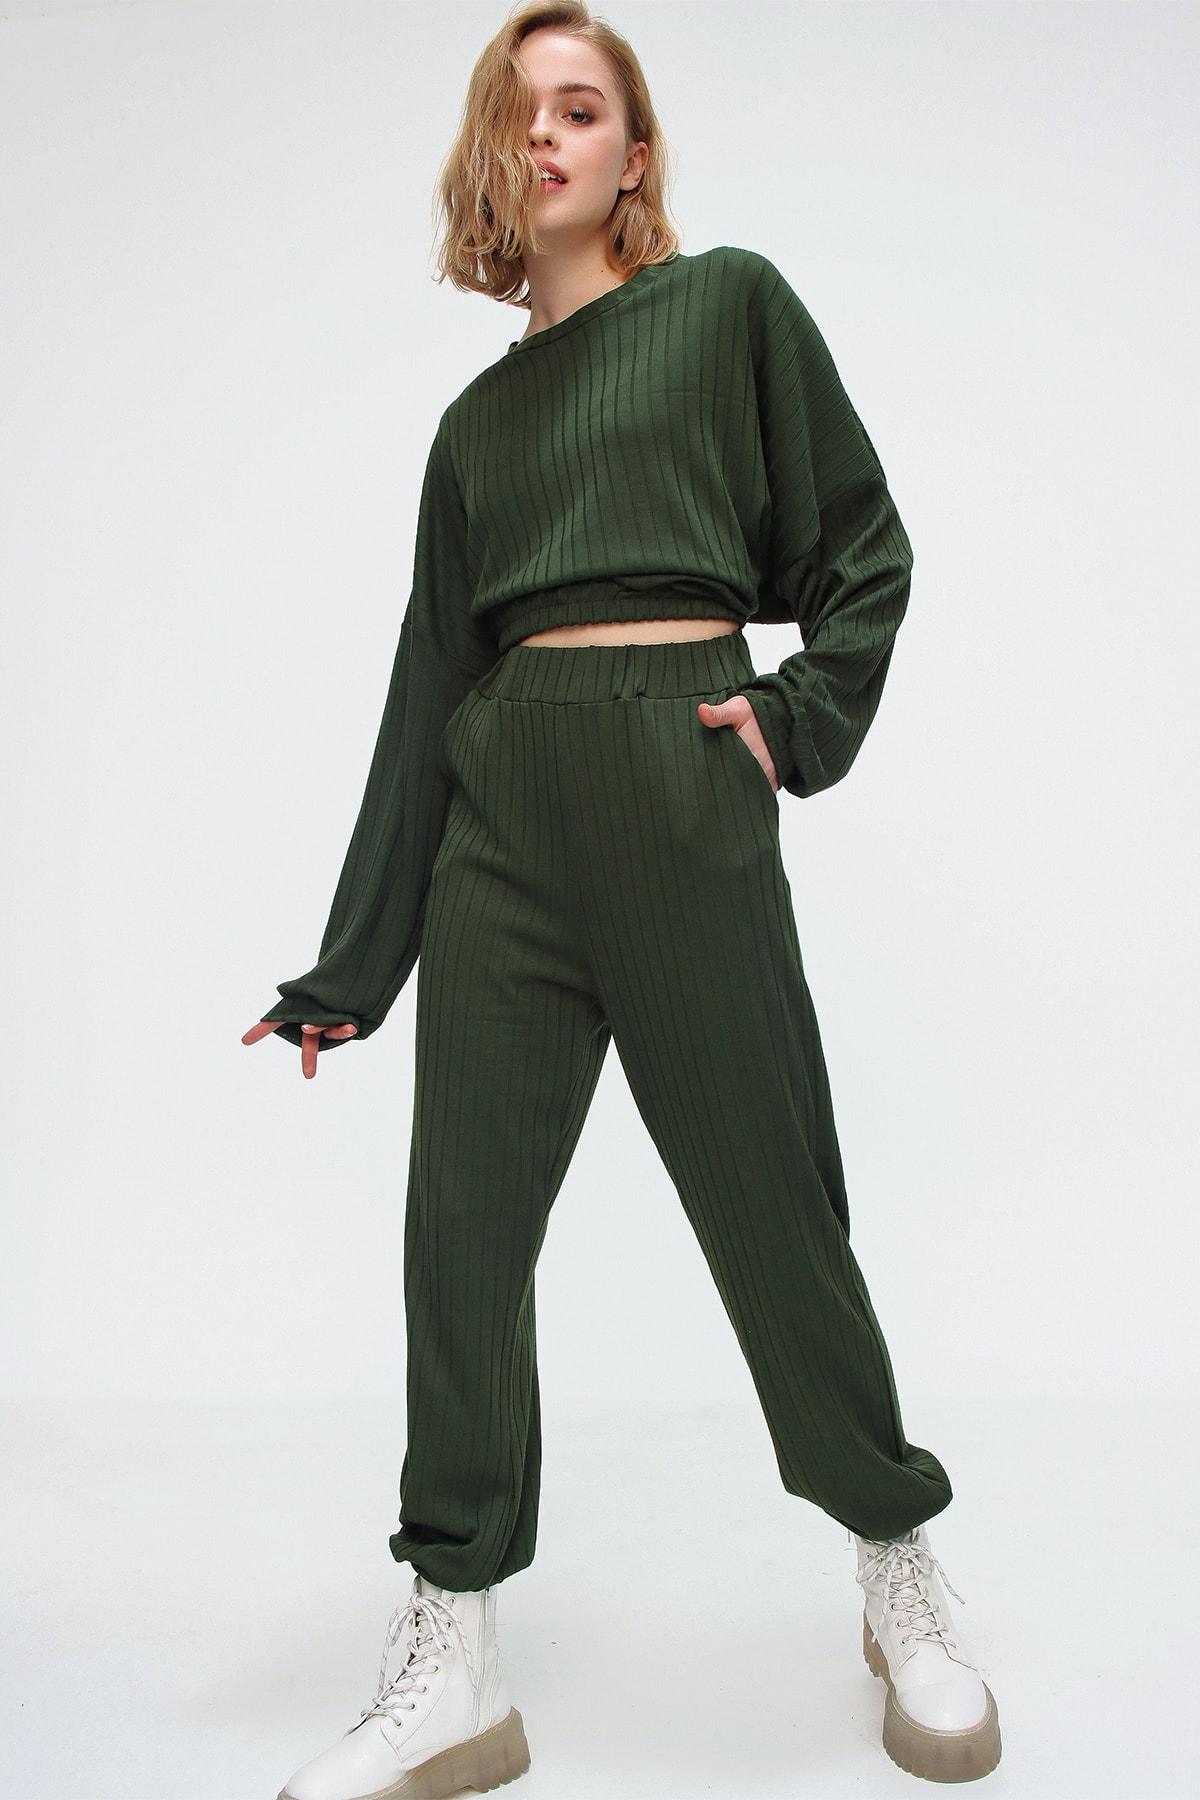 Trend Alaçatı Stili Kadın Yeşil Beli Lastikli Eşofman Takım ALC-507-509-FT 1